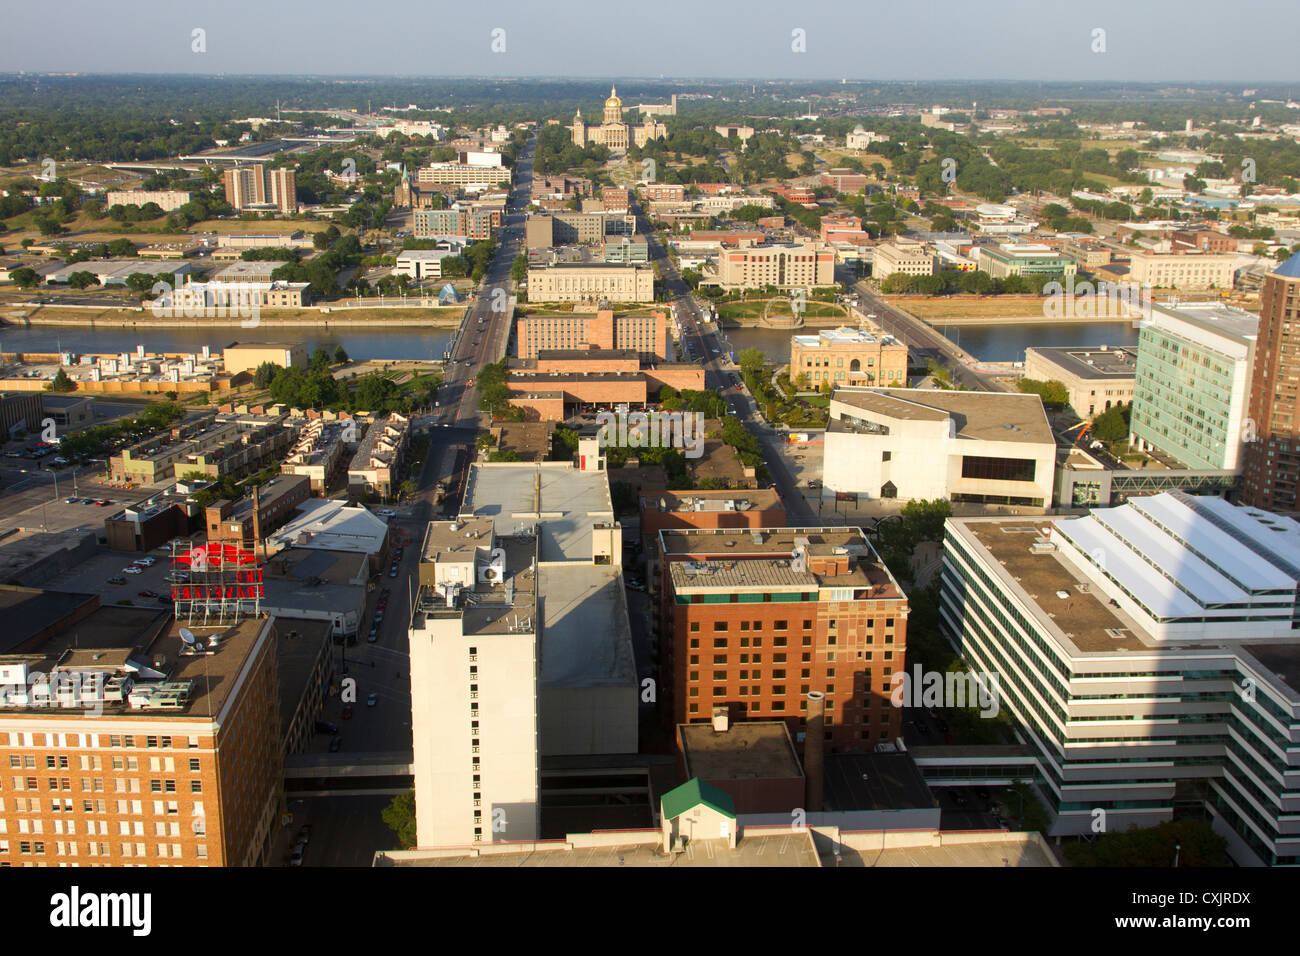 Des Moines Iowa Skyline Imágenes De Stock & Des Moines Iowa Skyline ...